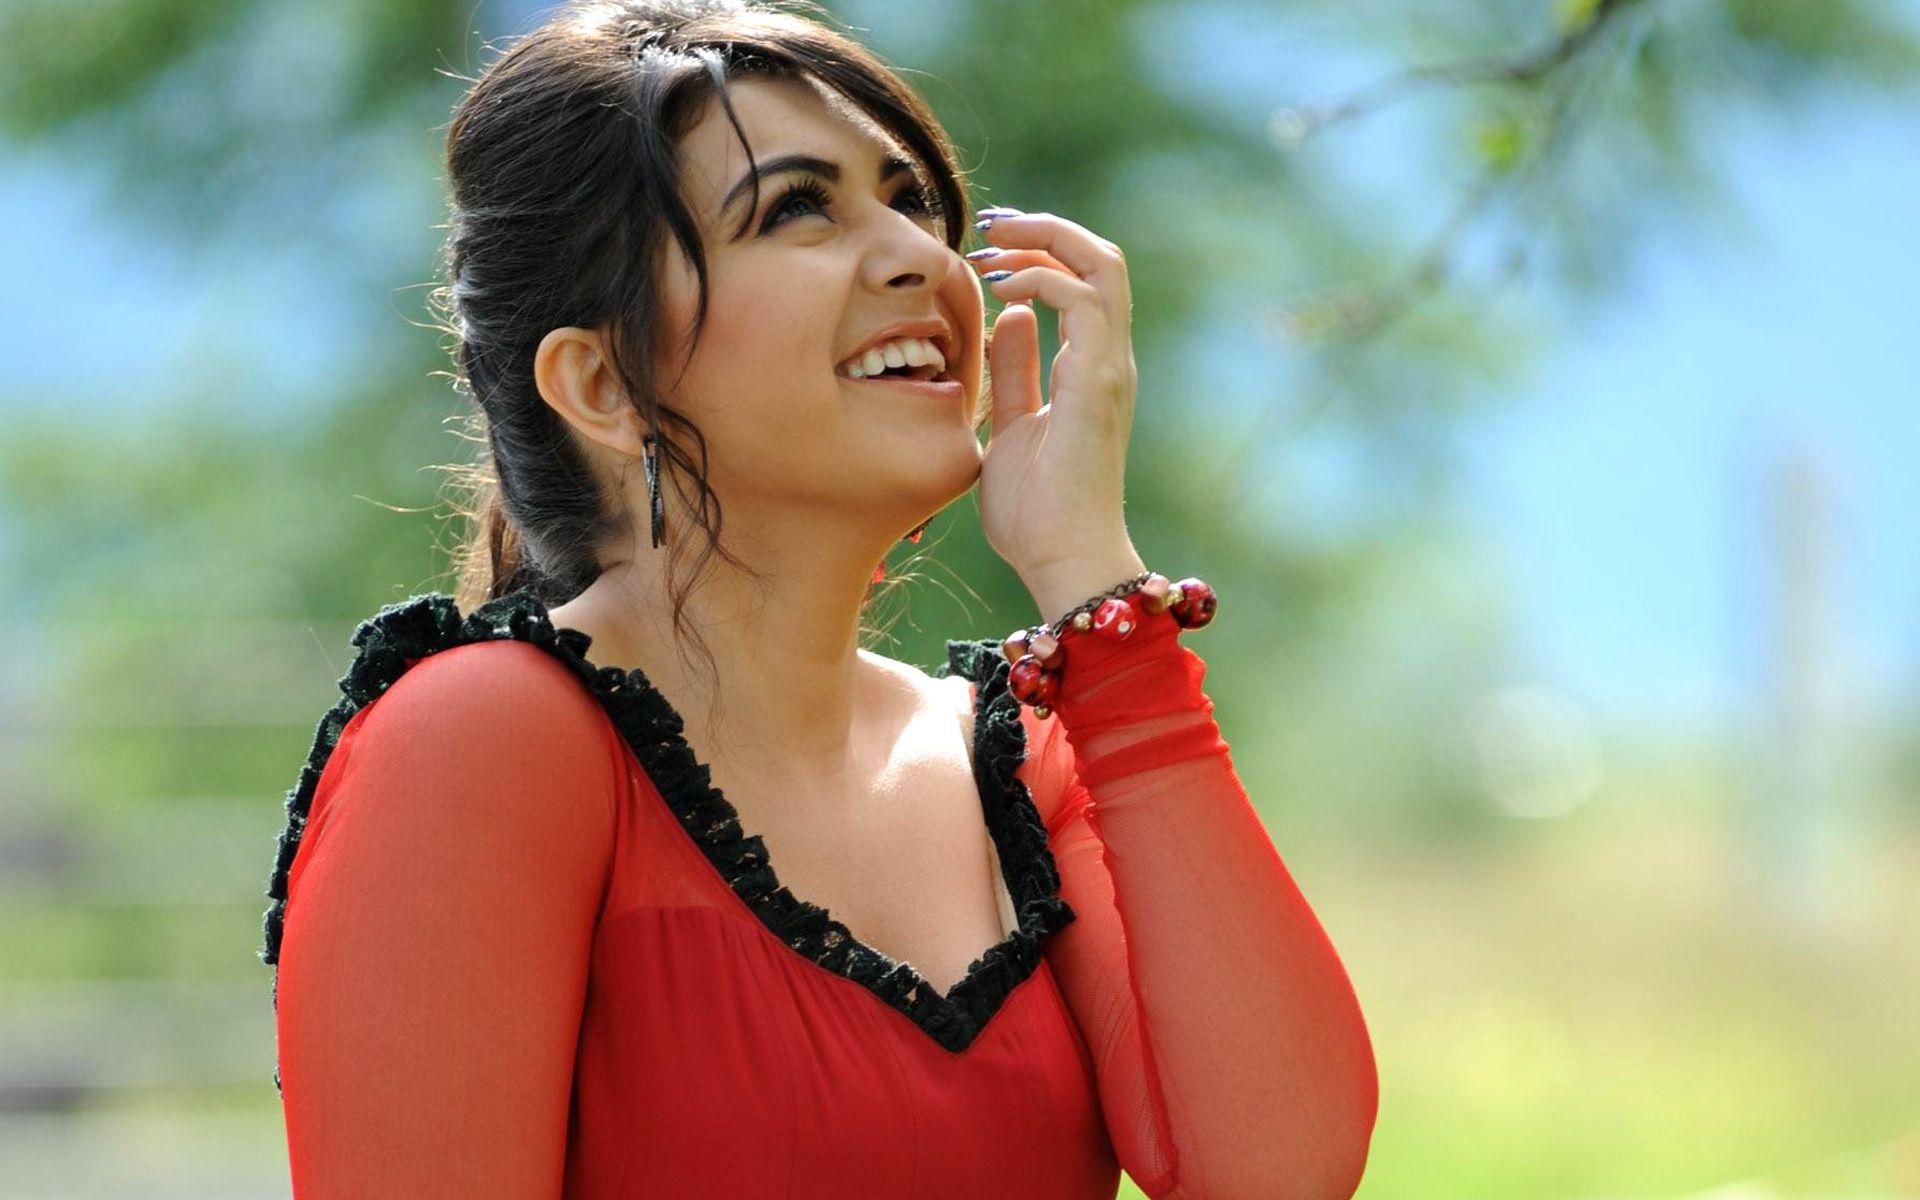 Wallpaper download ladkiyon ke - Hd South Actress Hansika Motwani Wallpaper Download Free 10545